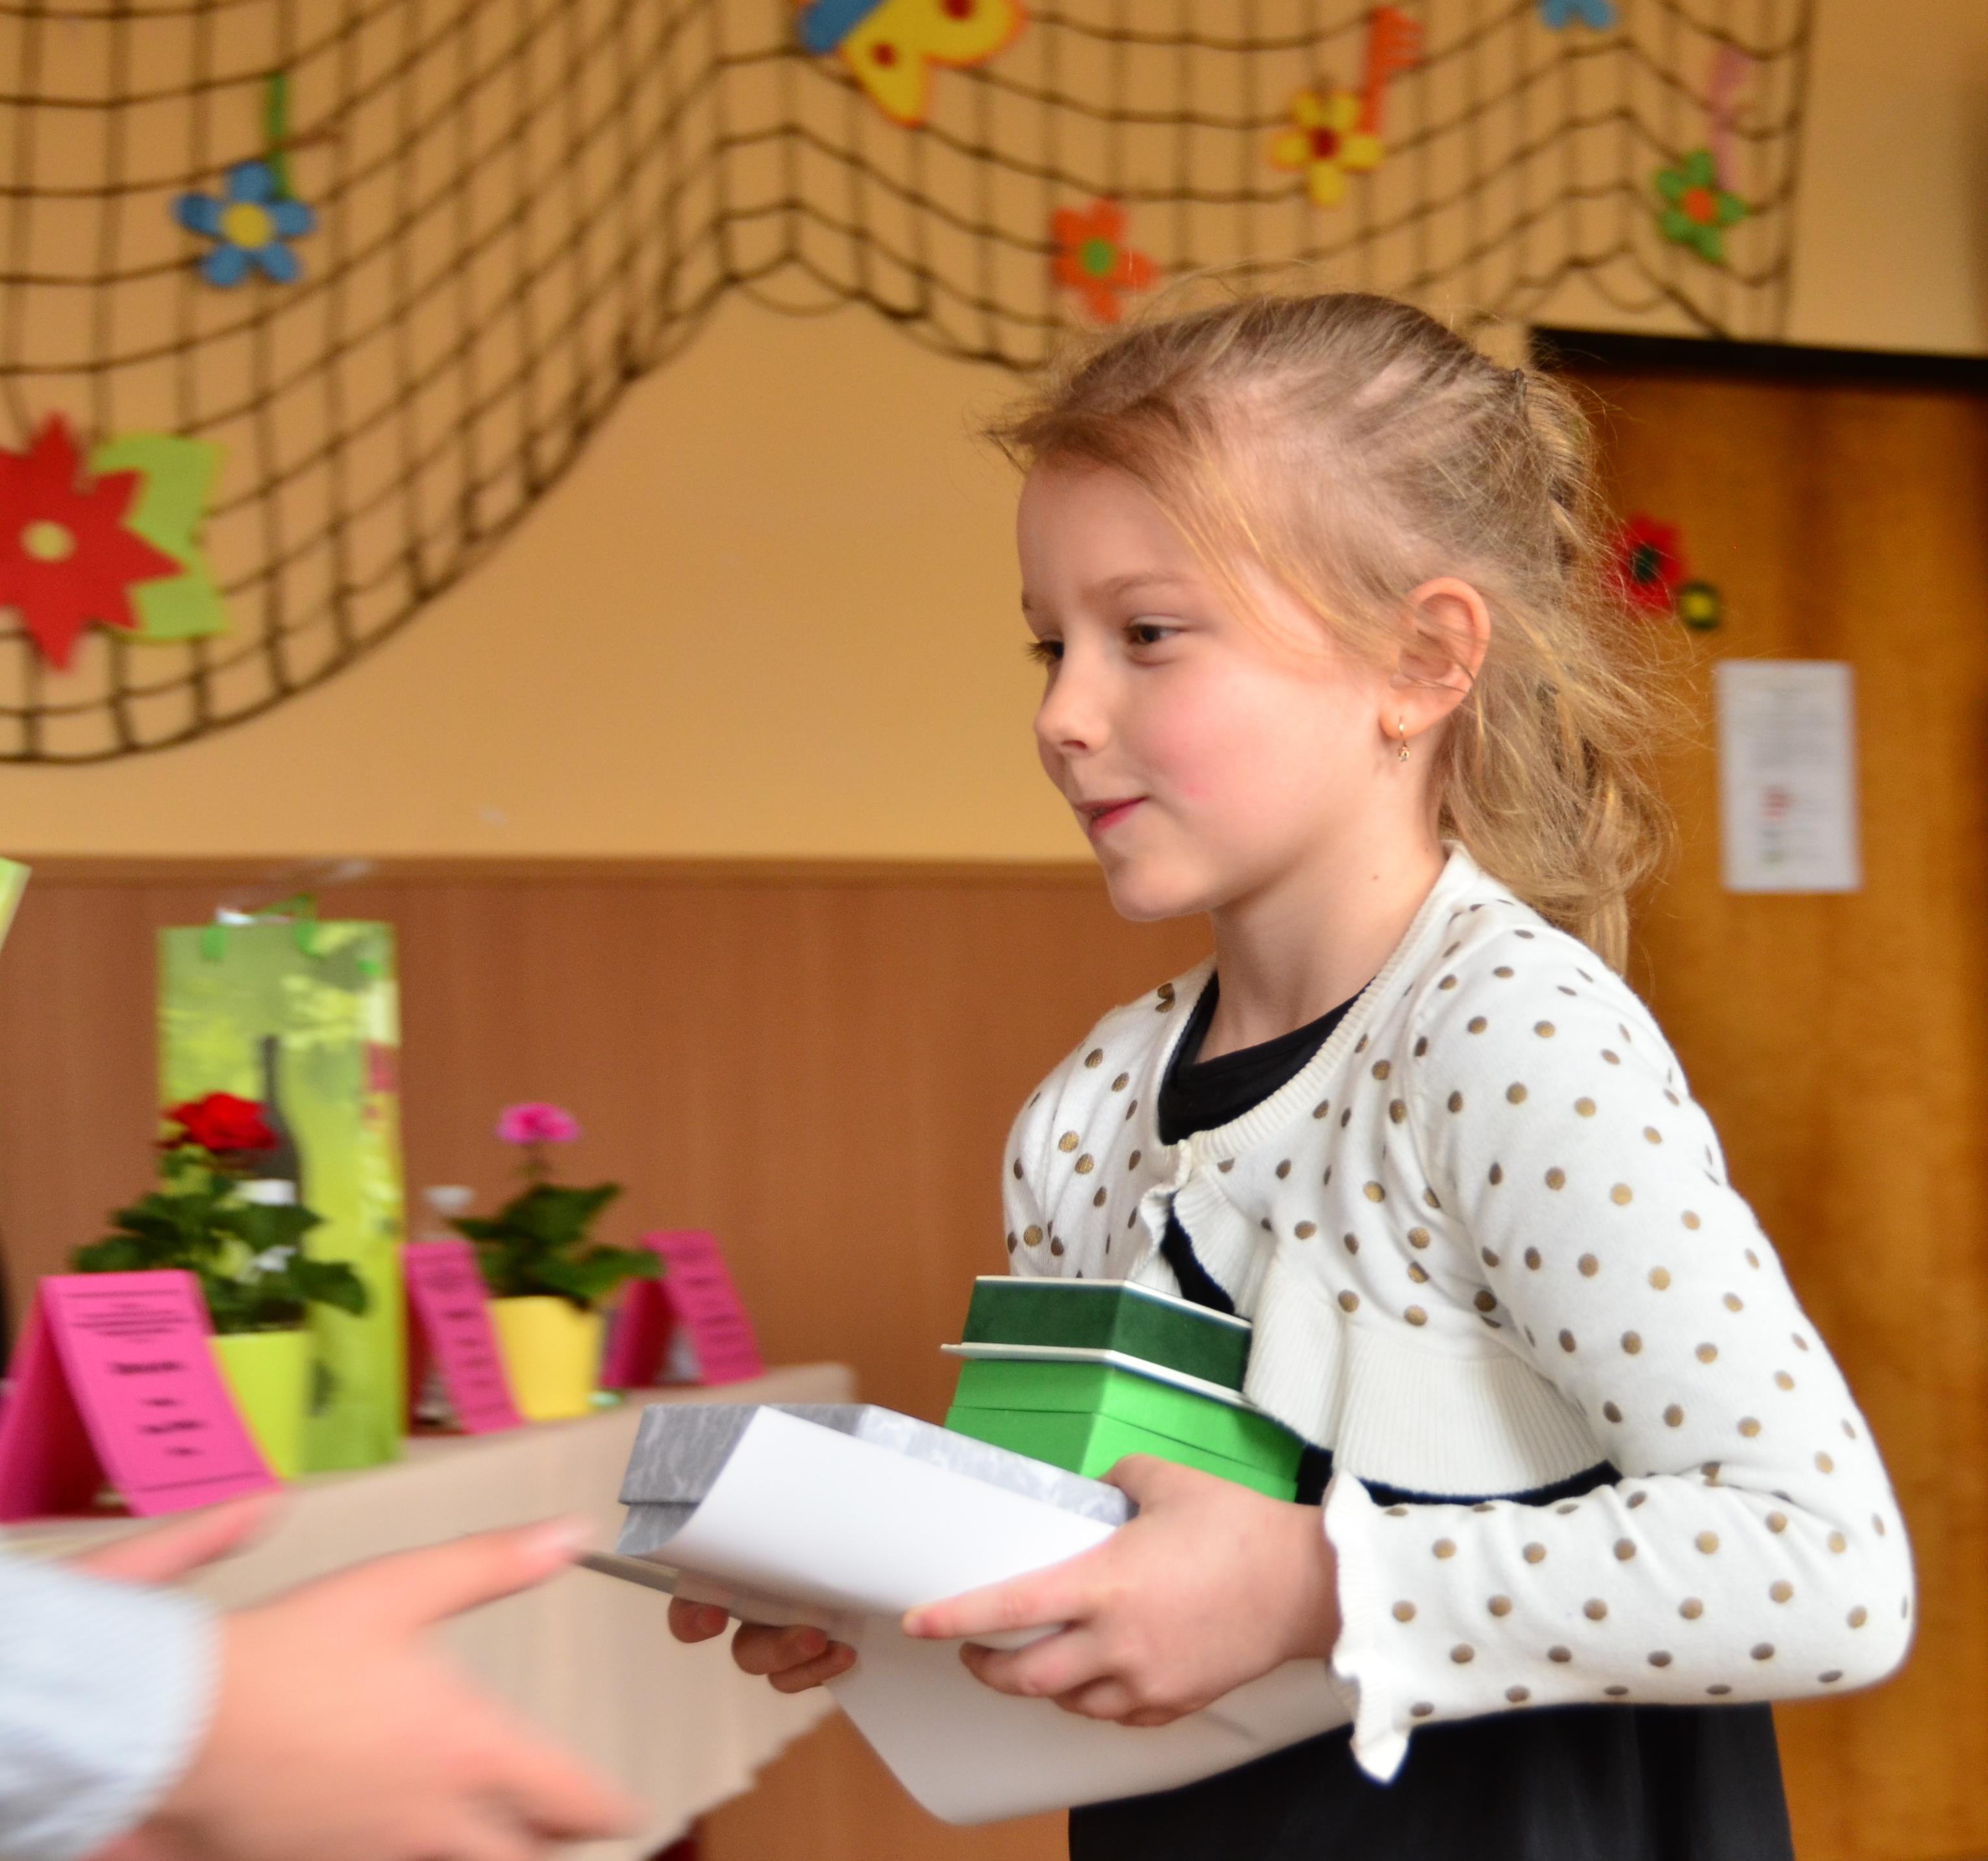 Houslová soutěž 2016 - I. kategorie - Matejčová Gabriela